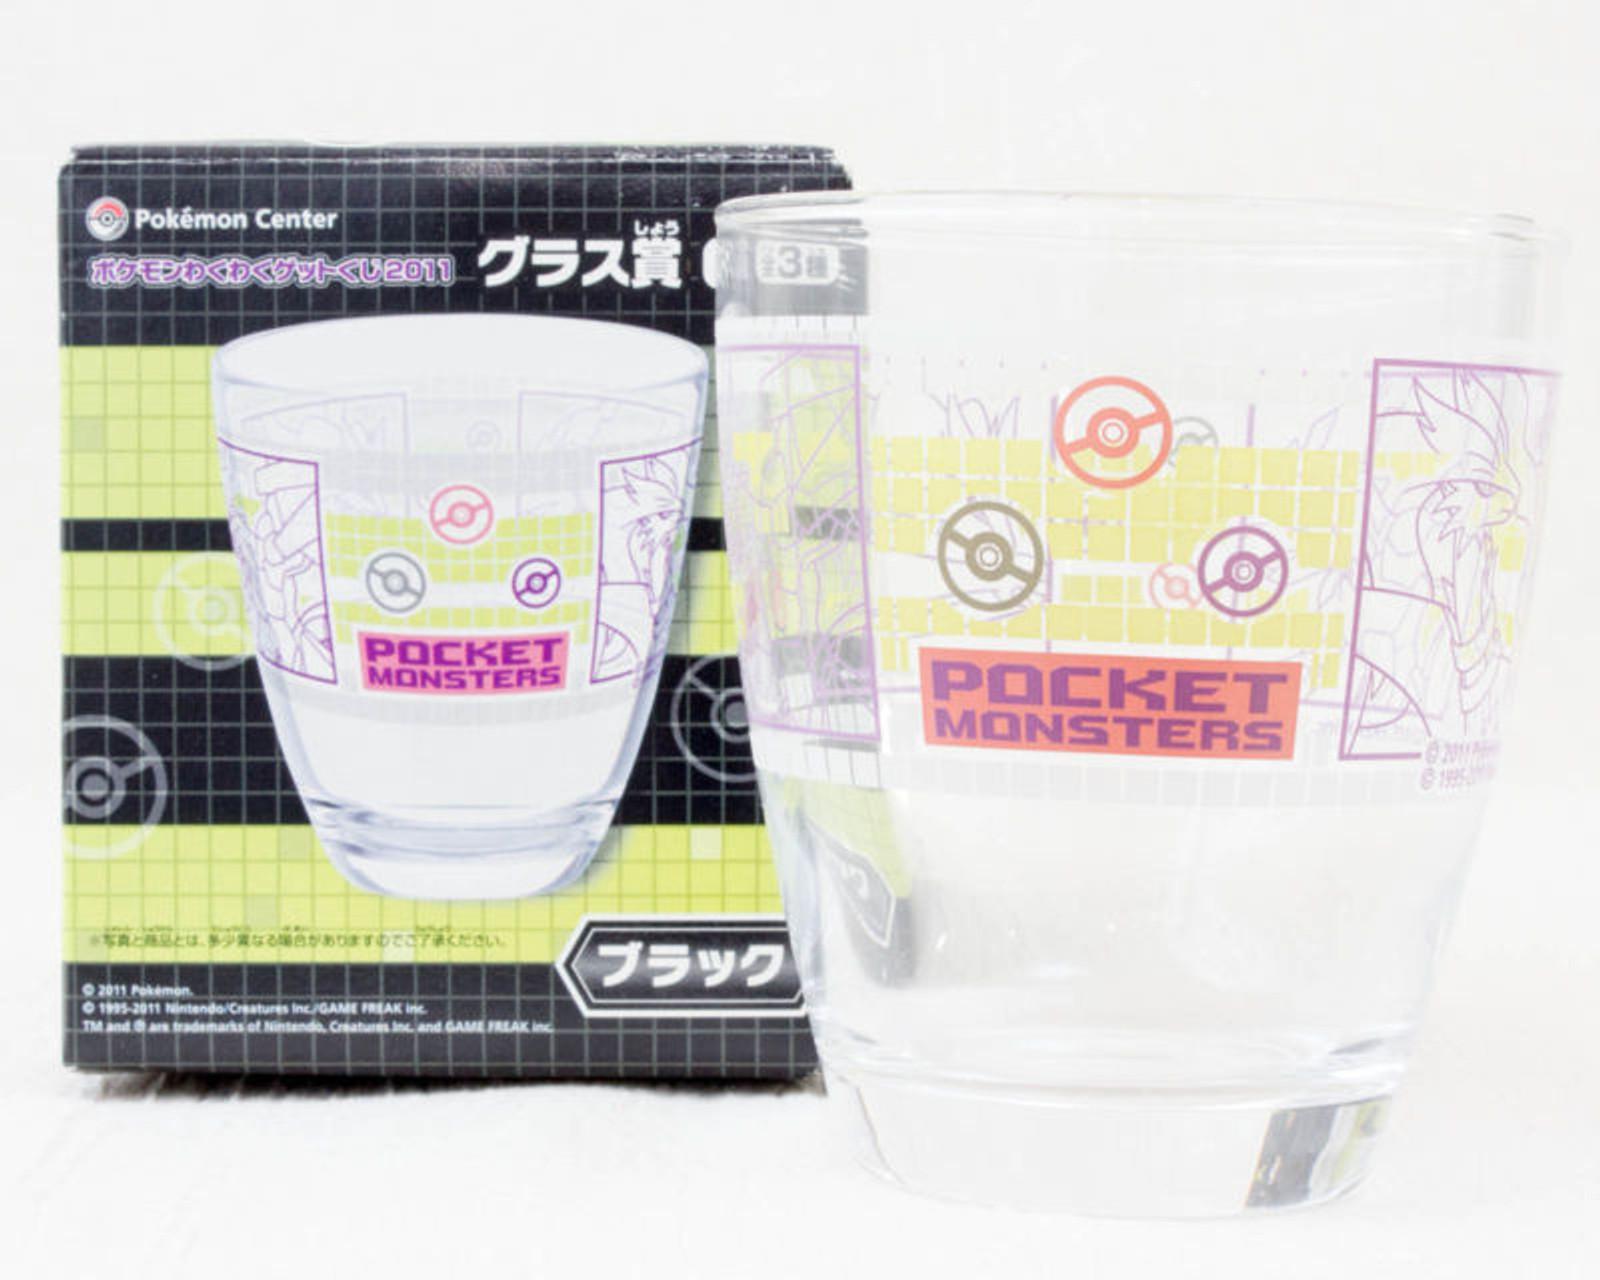 Pokemon Glass Zekrom and Reshiram Pocket Monster Center JAPAN ANIME MANGA